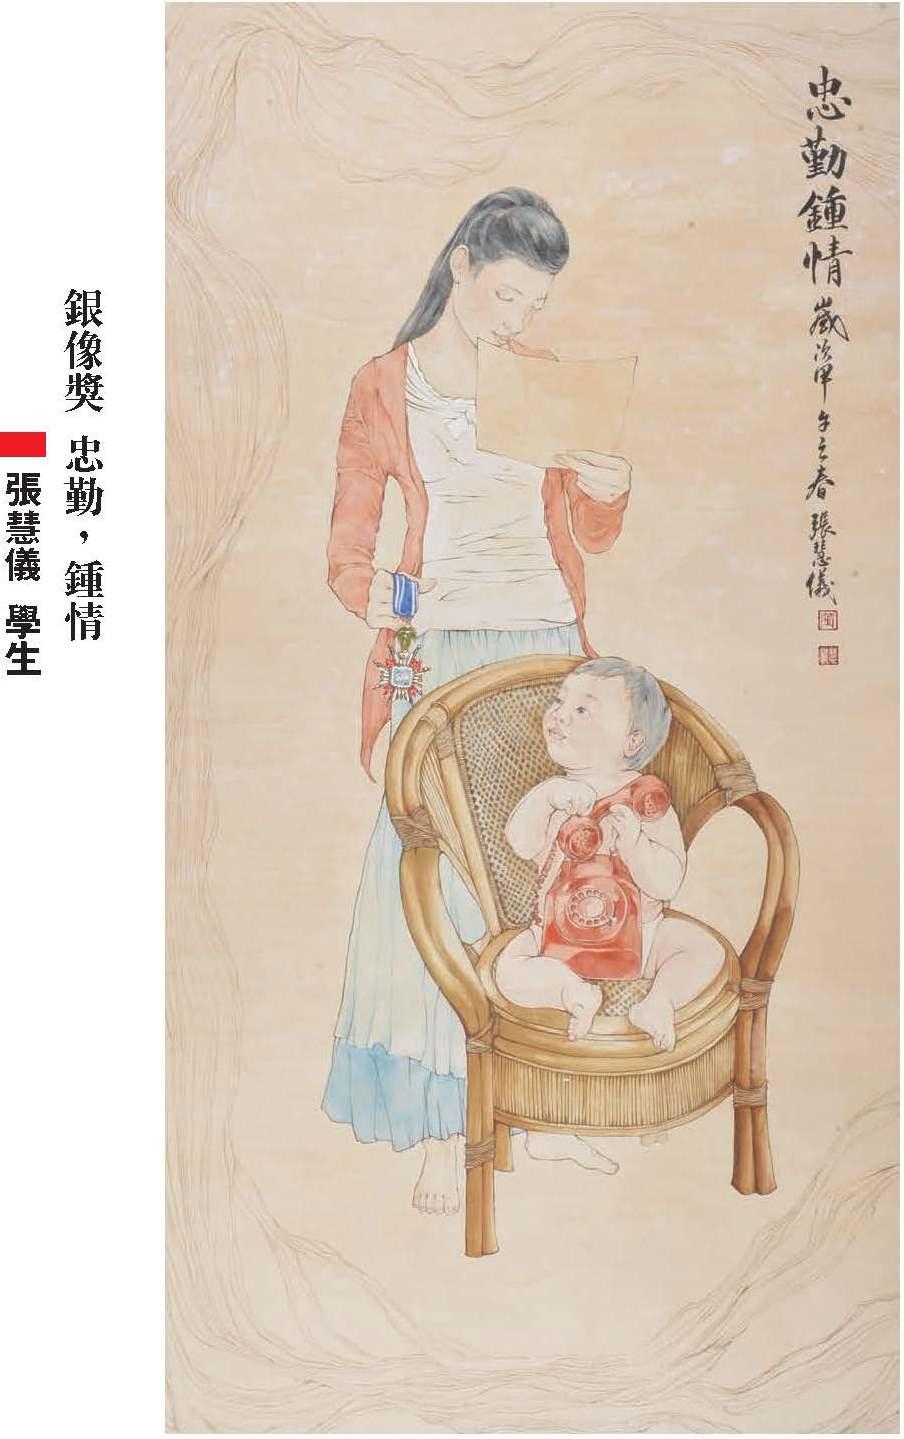 國軍第48屆文藝金像獎國畫類銀像獎_忠勤鍾情_張慧儀.jpg